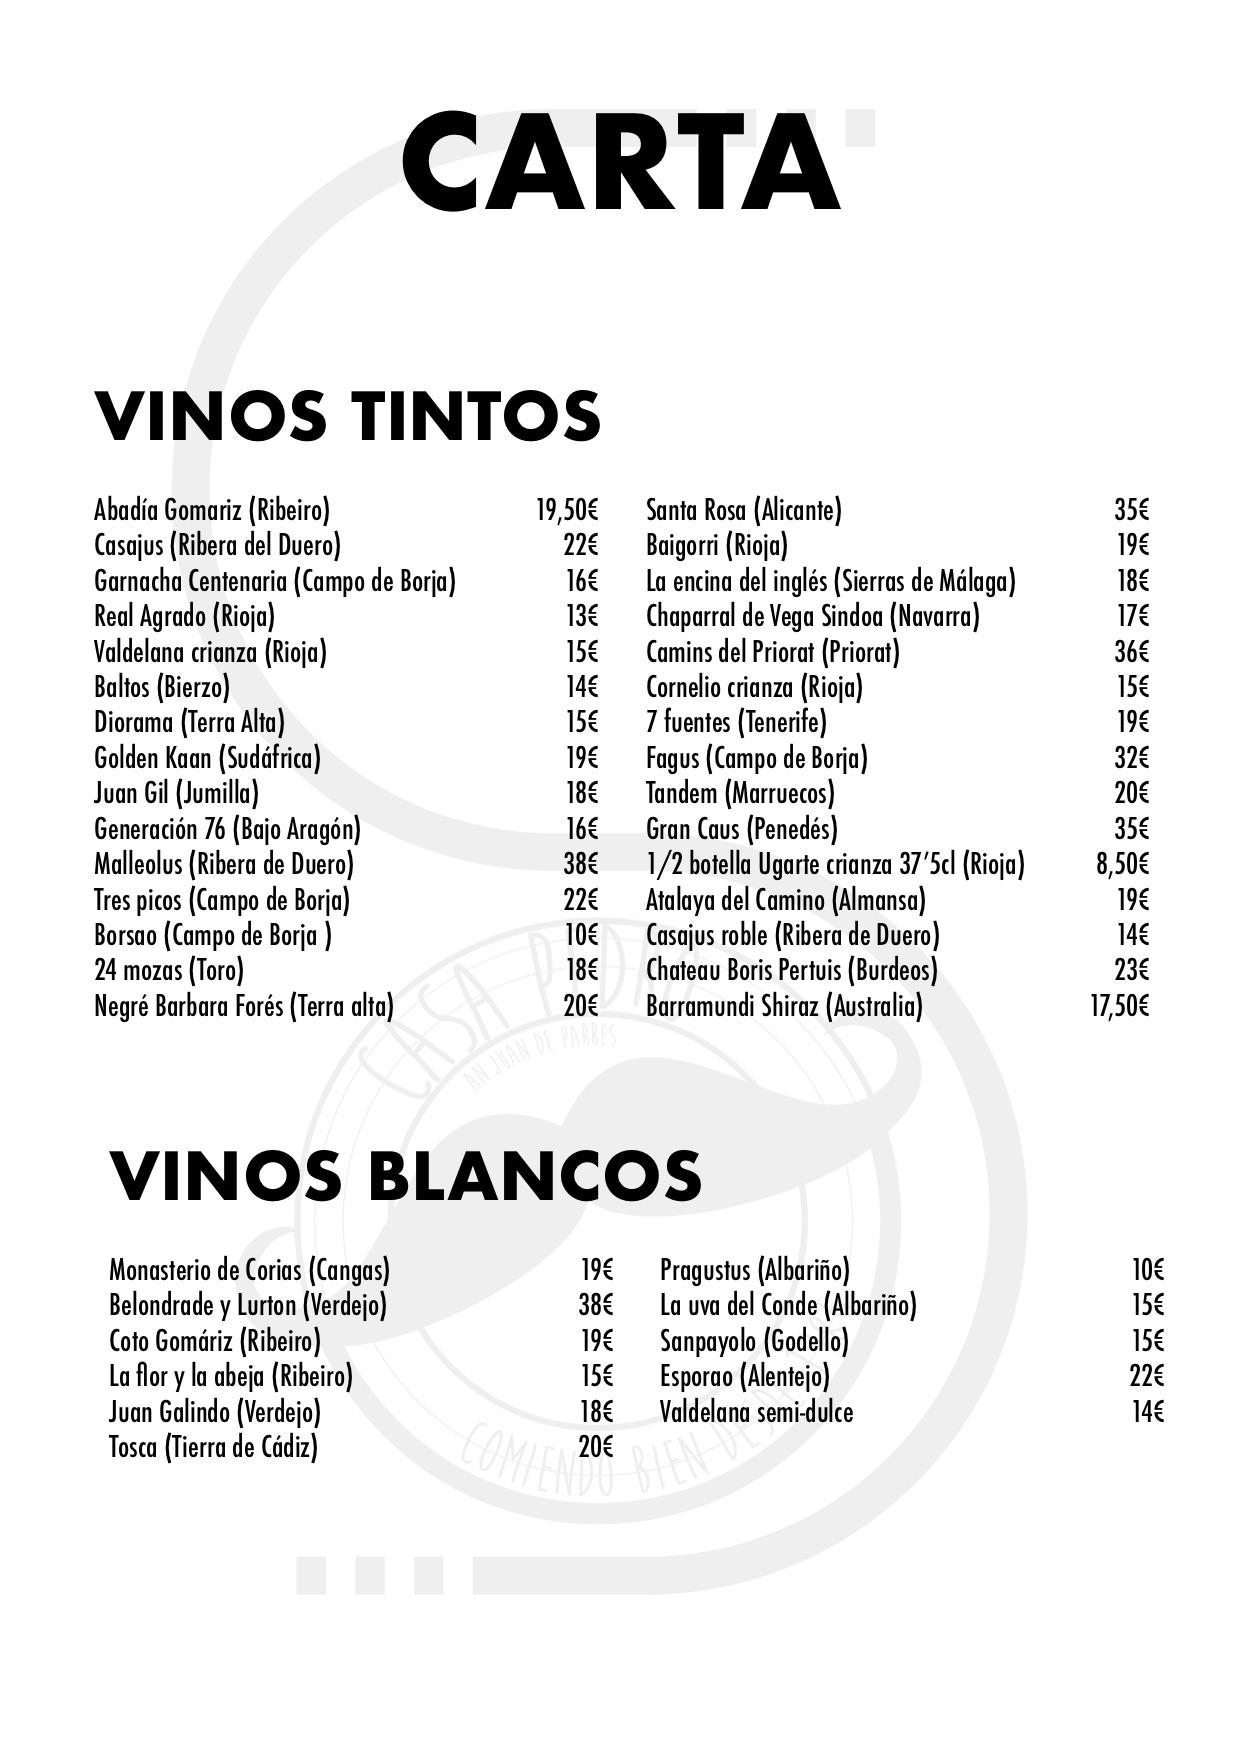 Restaurante Casa Pedro Parres Cangas de Onís Carta con precios Vinos tintos y blancos